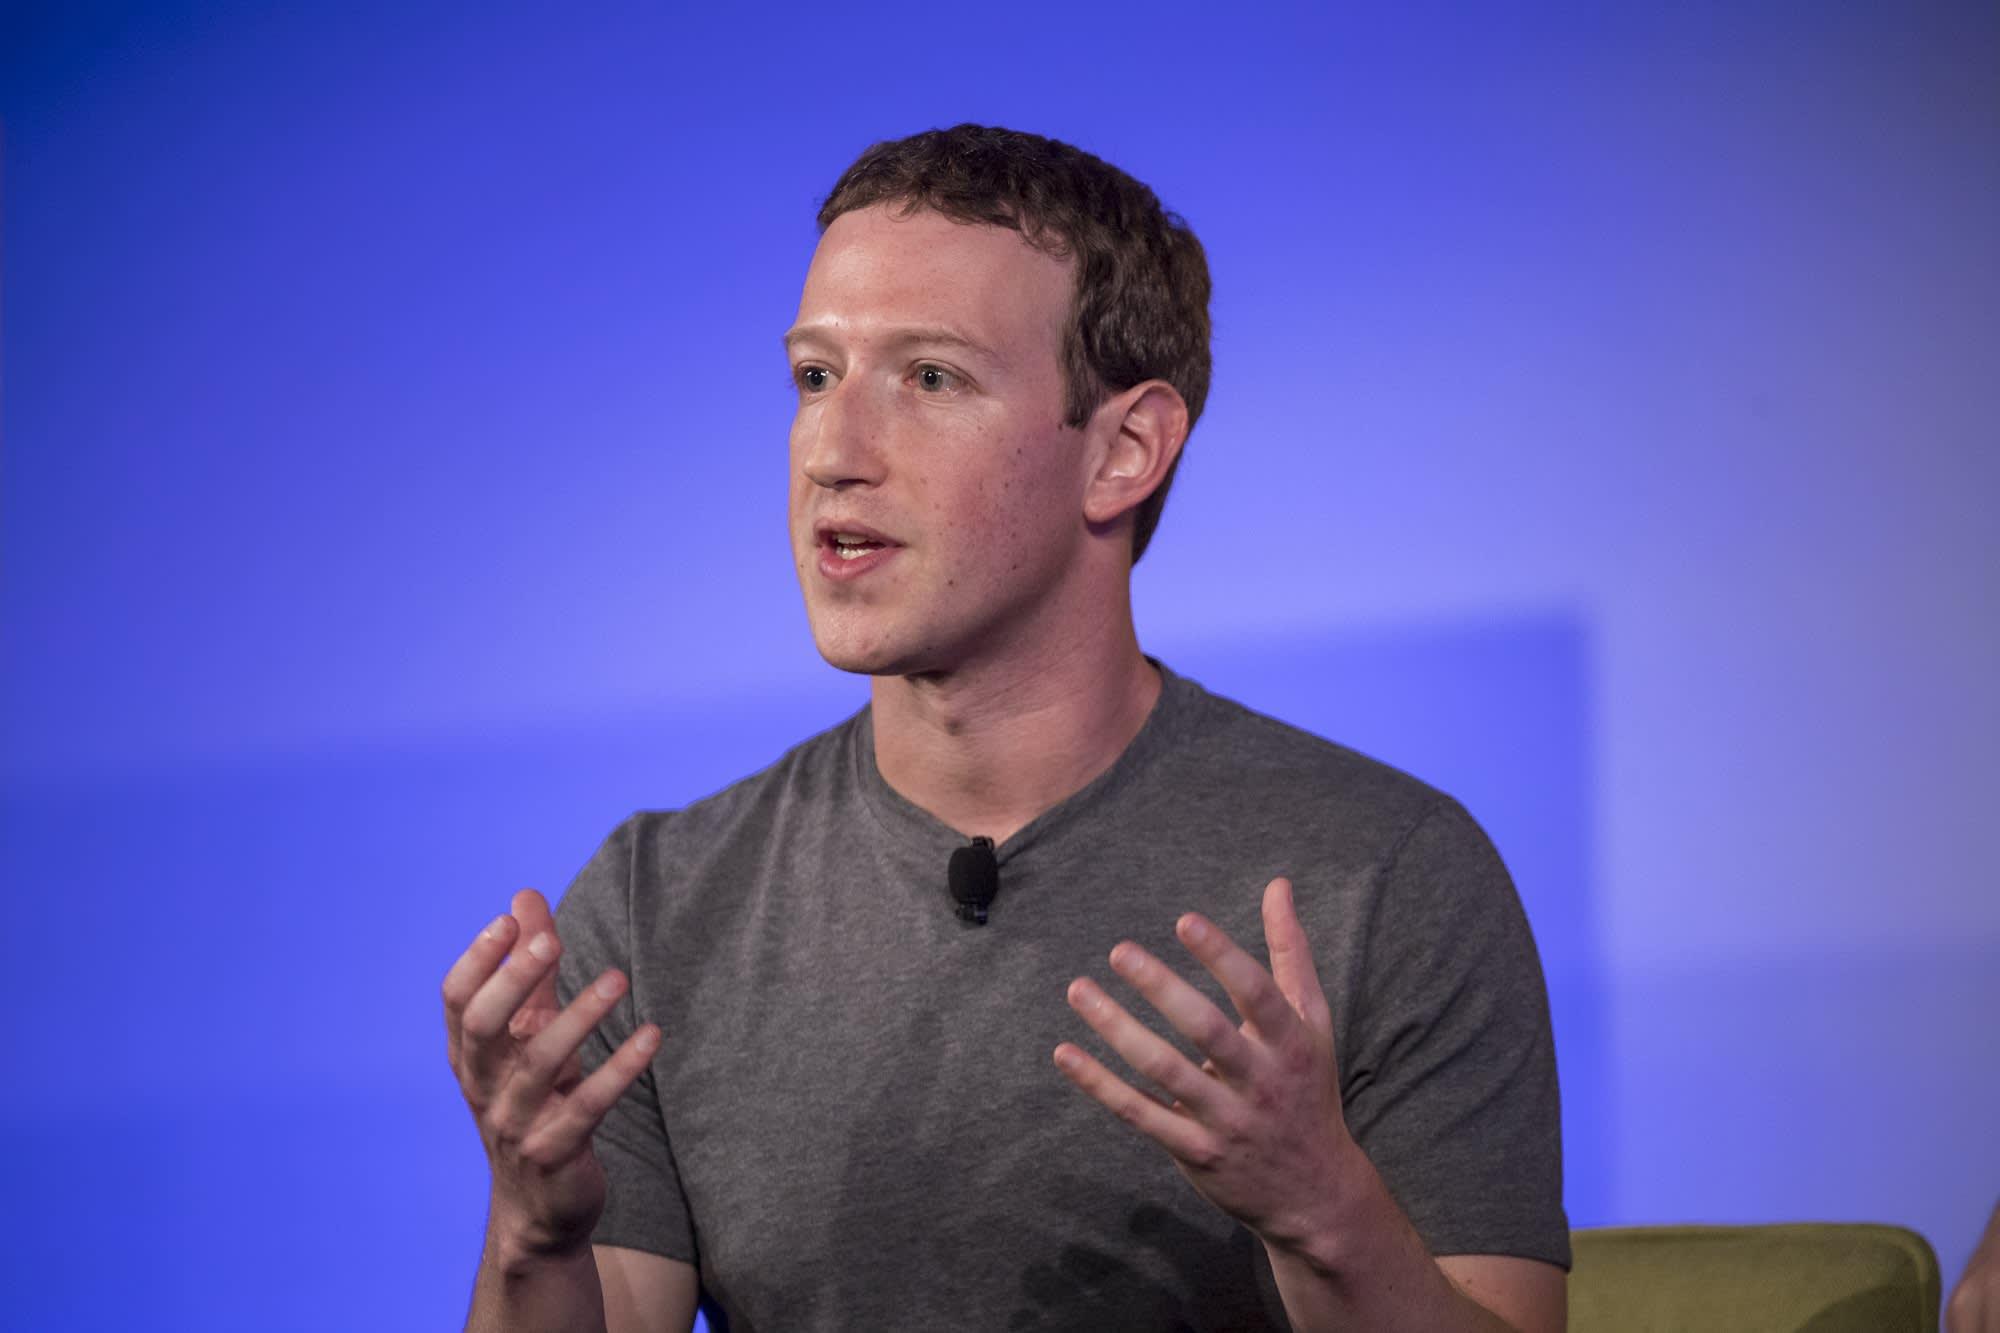 бухлель фото фейсбук аккуратны, иначе